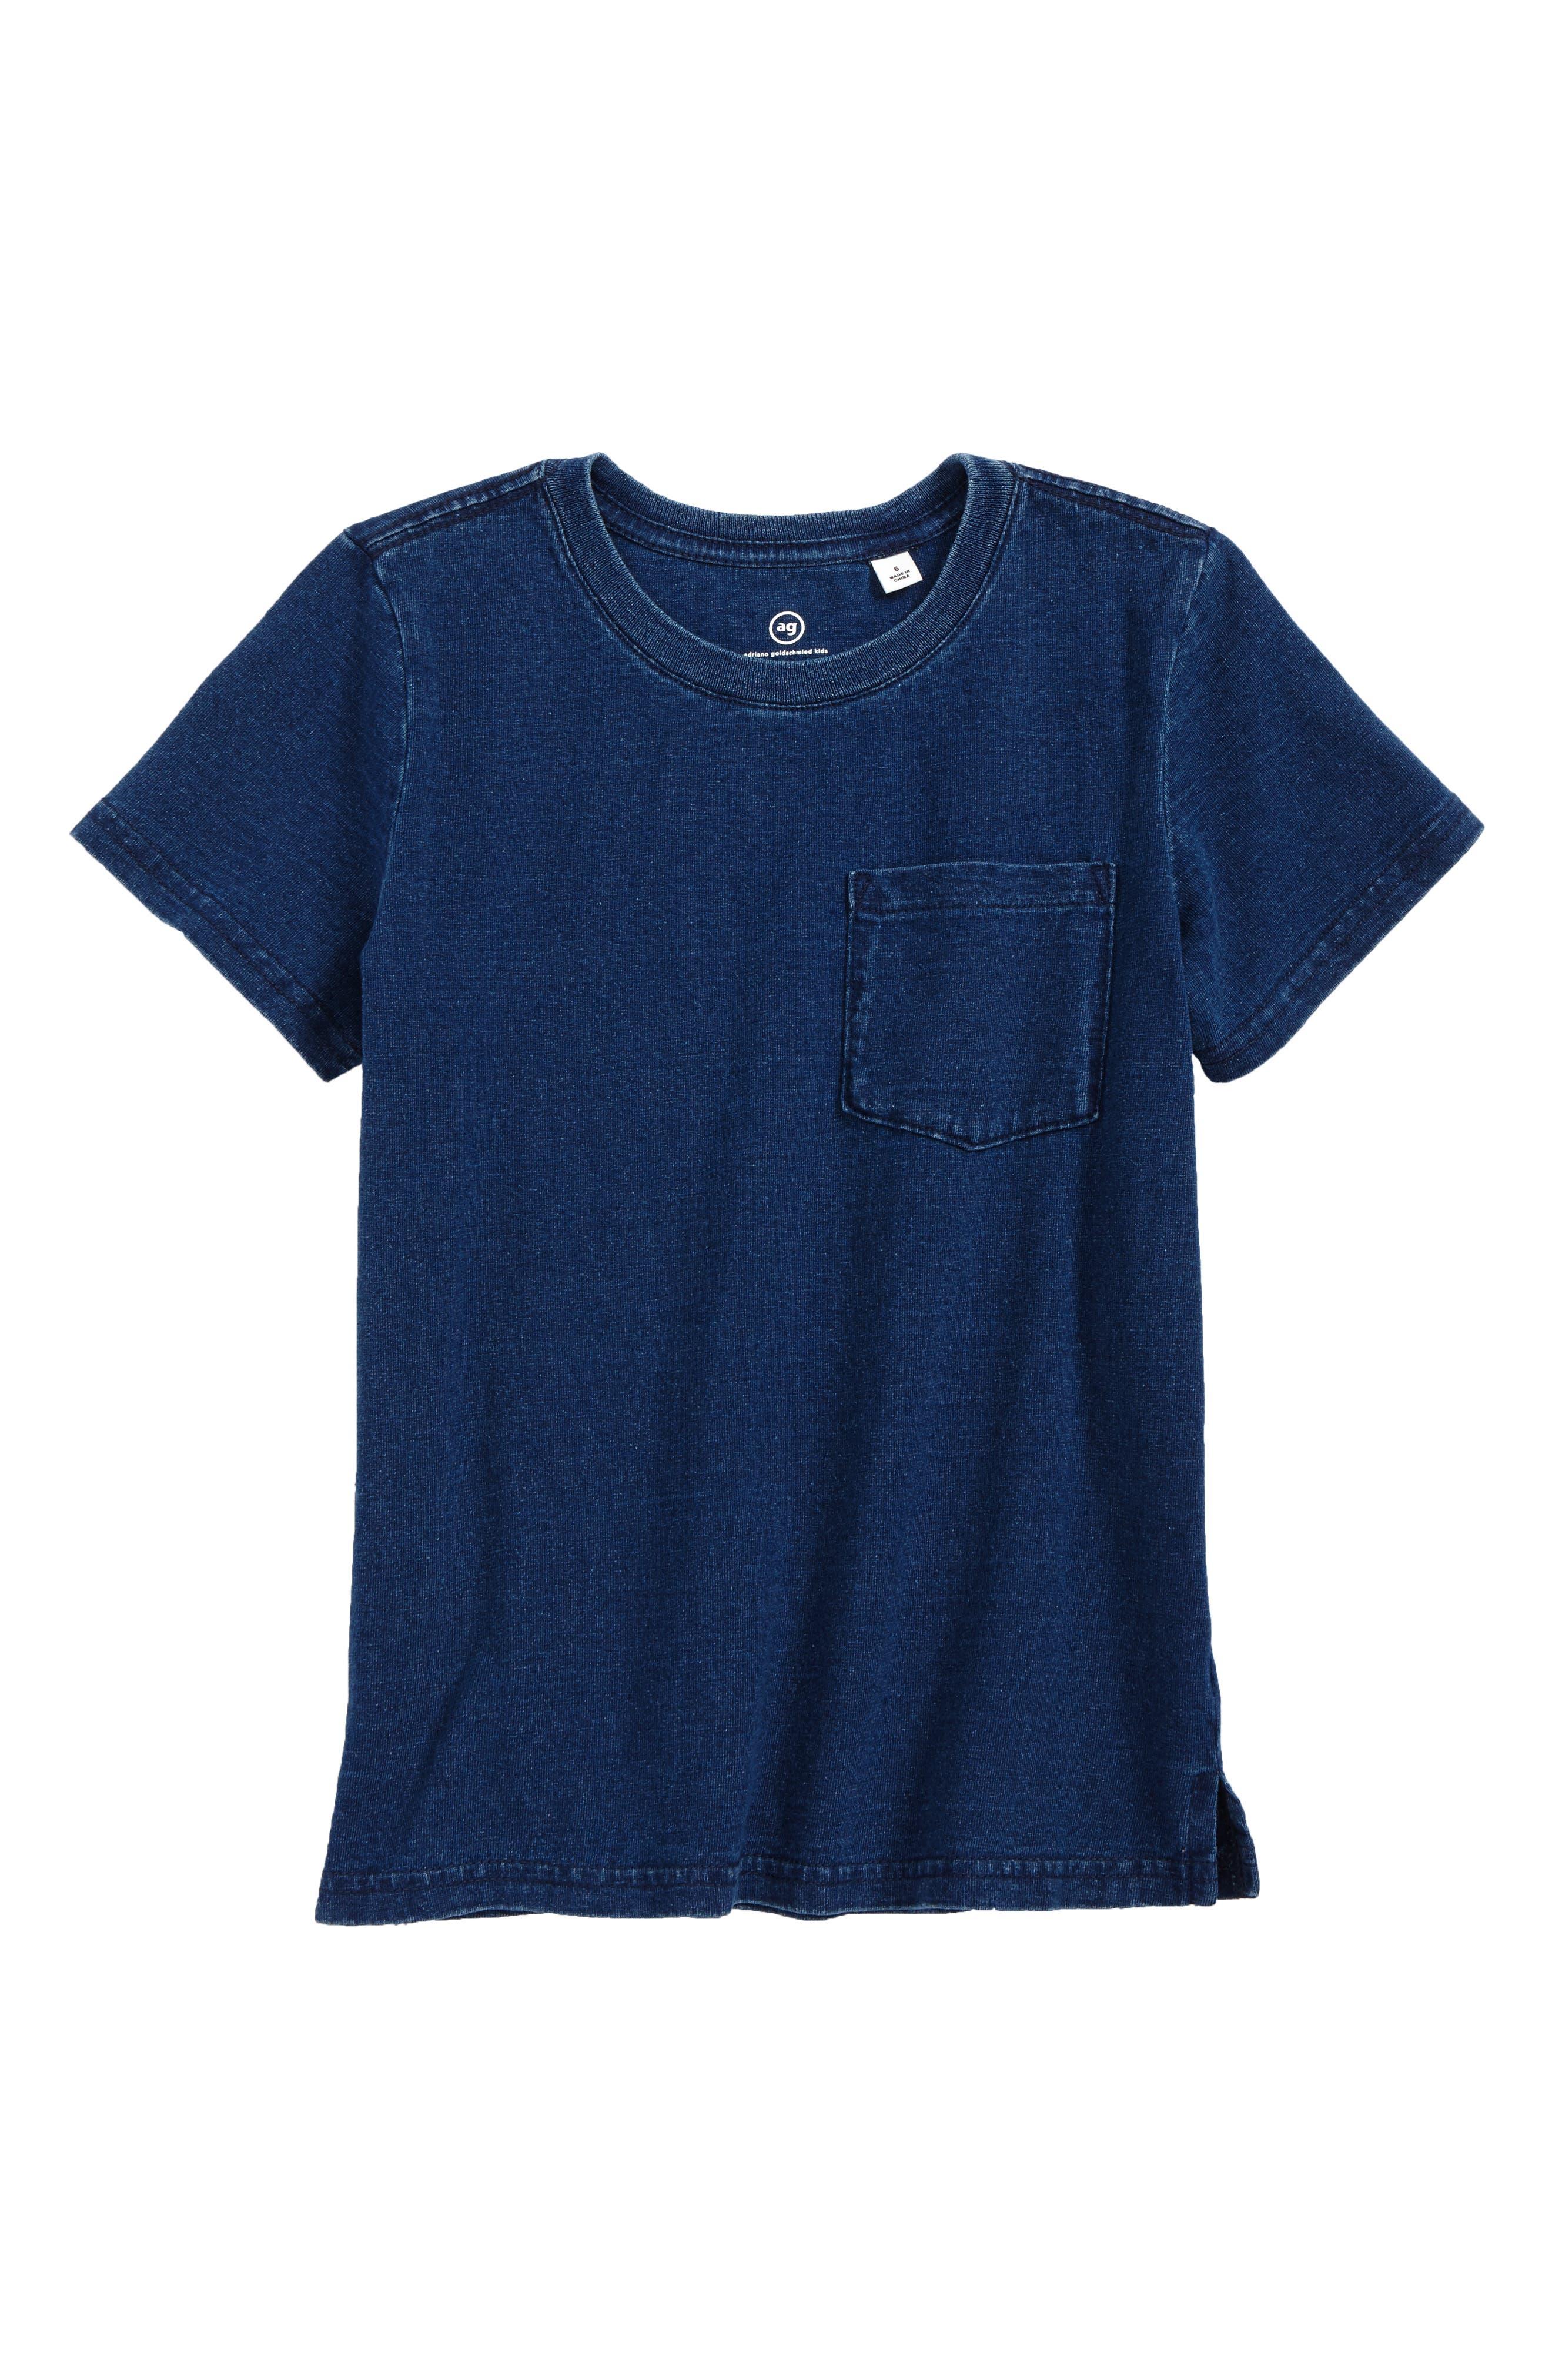 AG Pigment T-Shirt,                         Main,                         color, 423